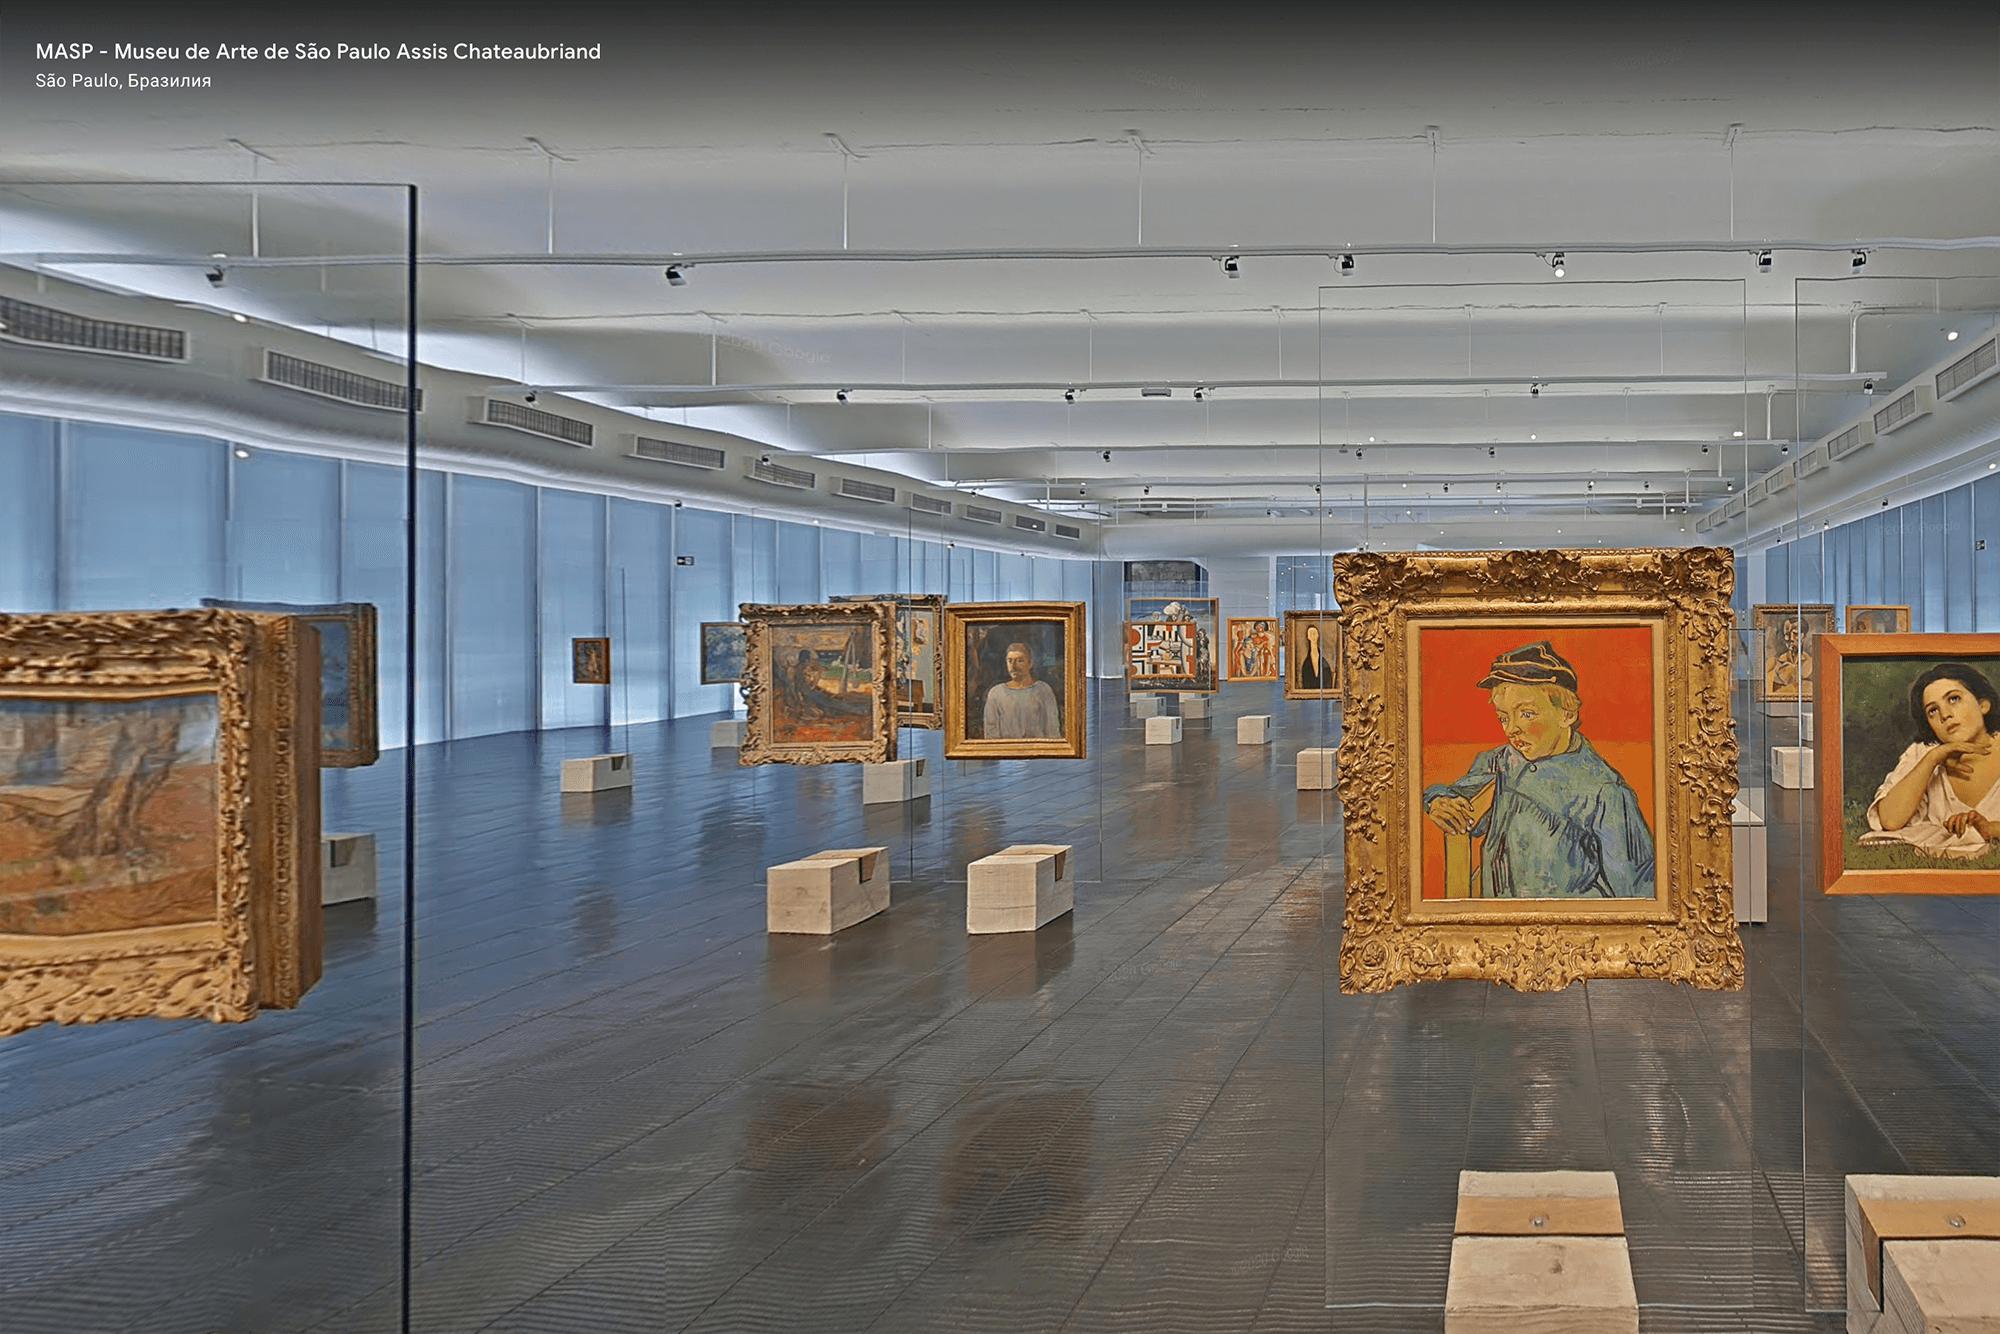 Одна из самых популярных картин музея — «Школьник» Винсента Ван Гога